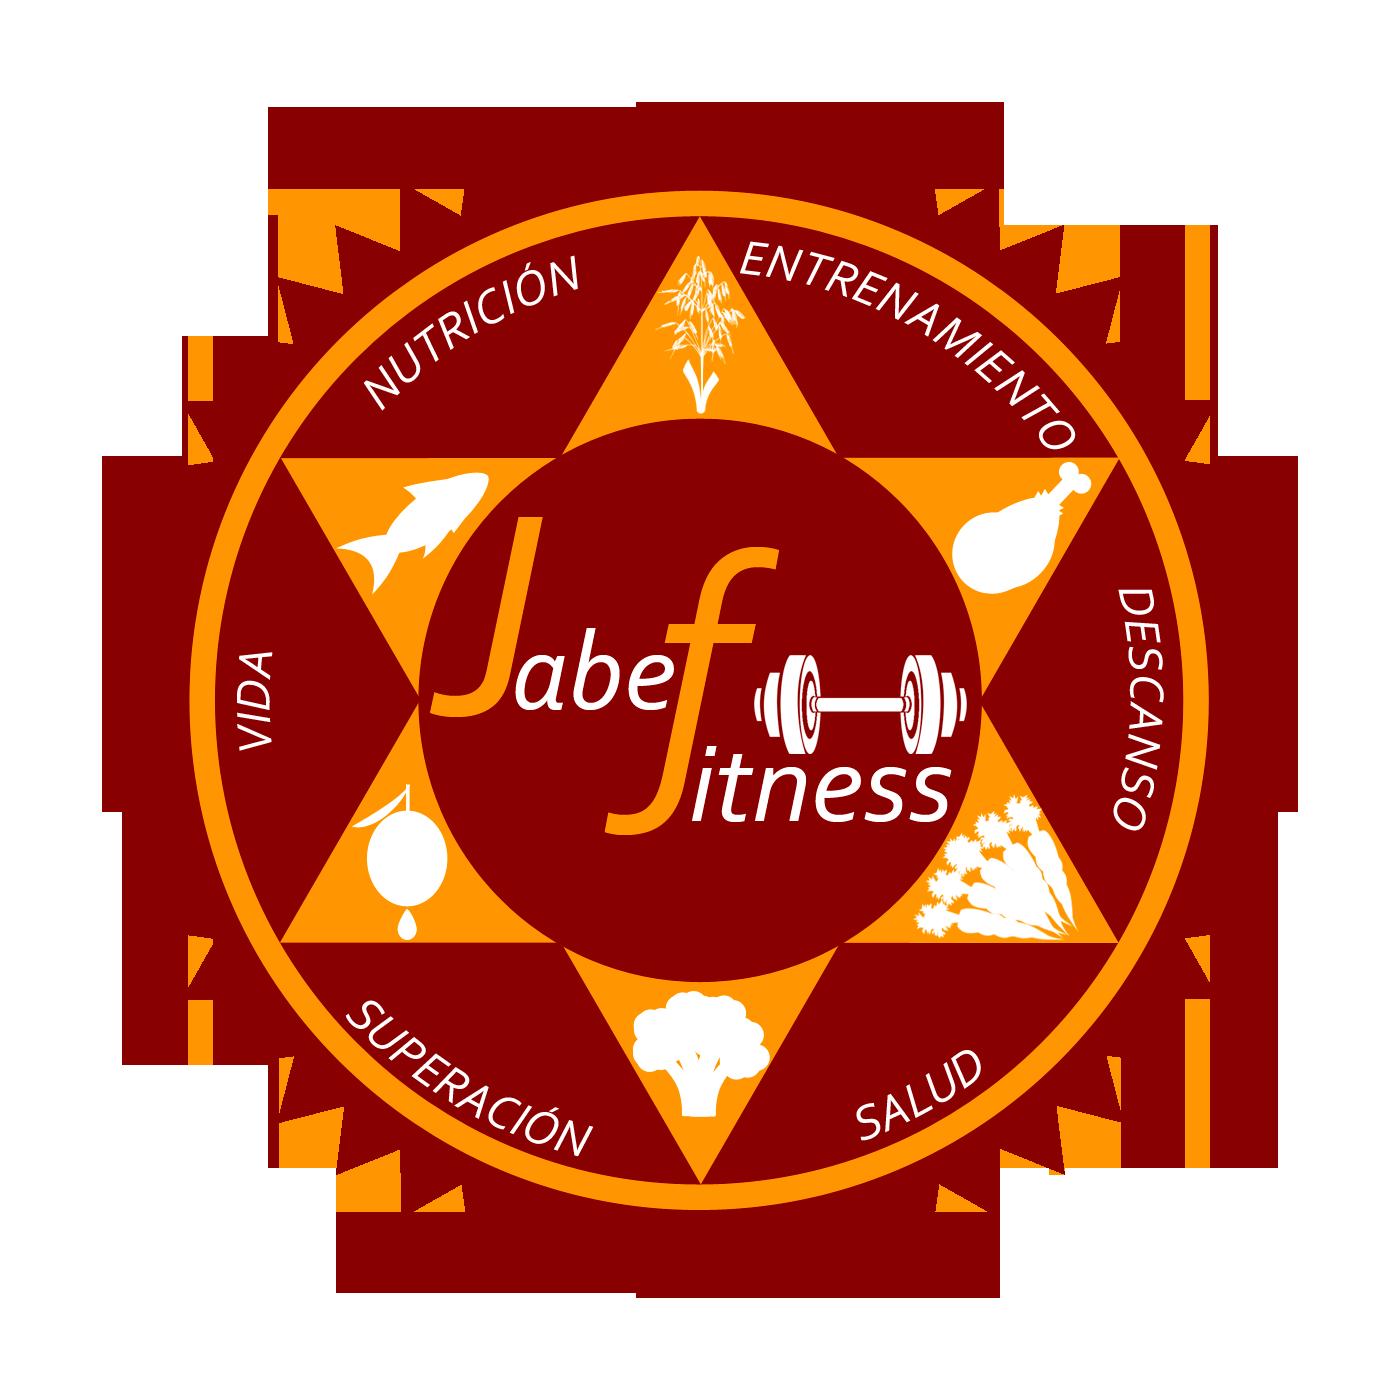 Jabe Fitness - Hábitos saludables, nutrición y deporte